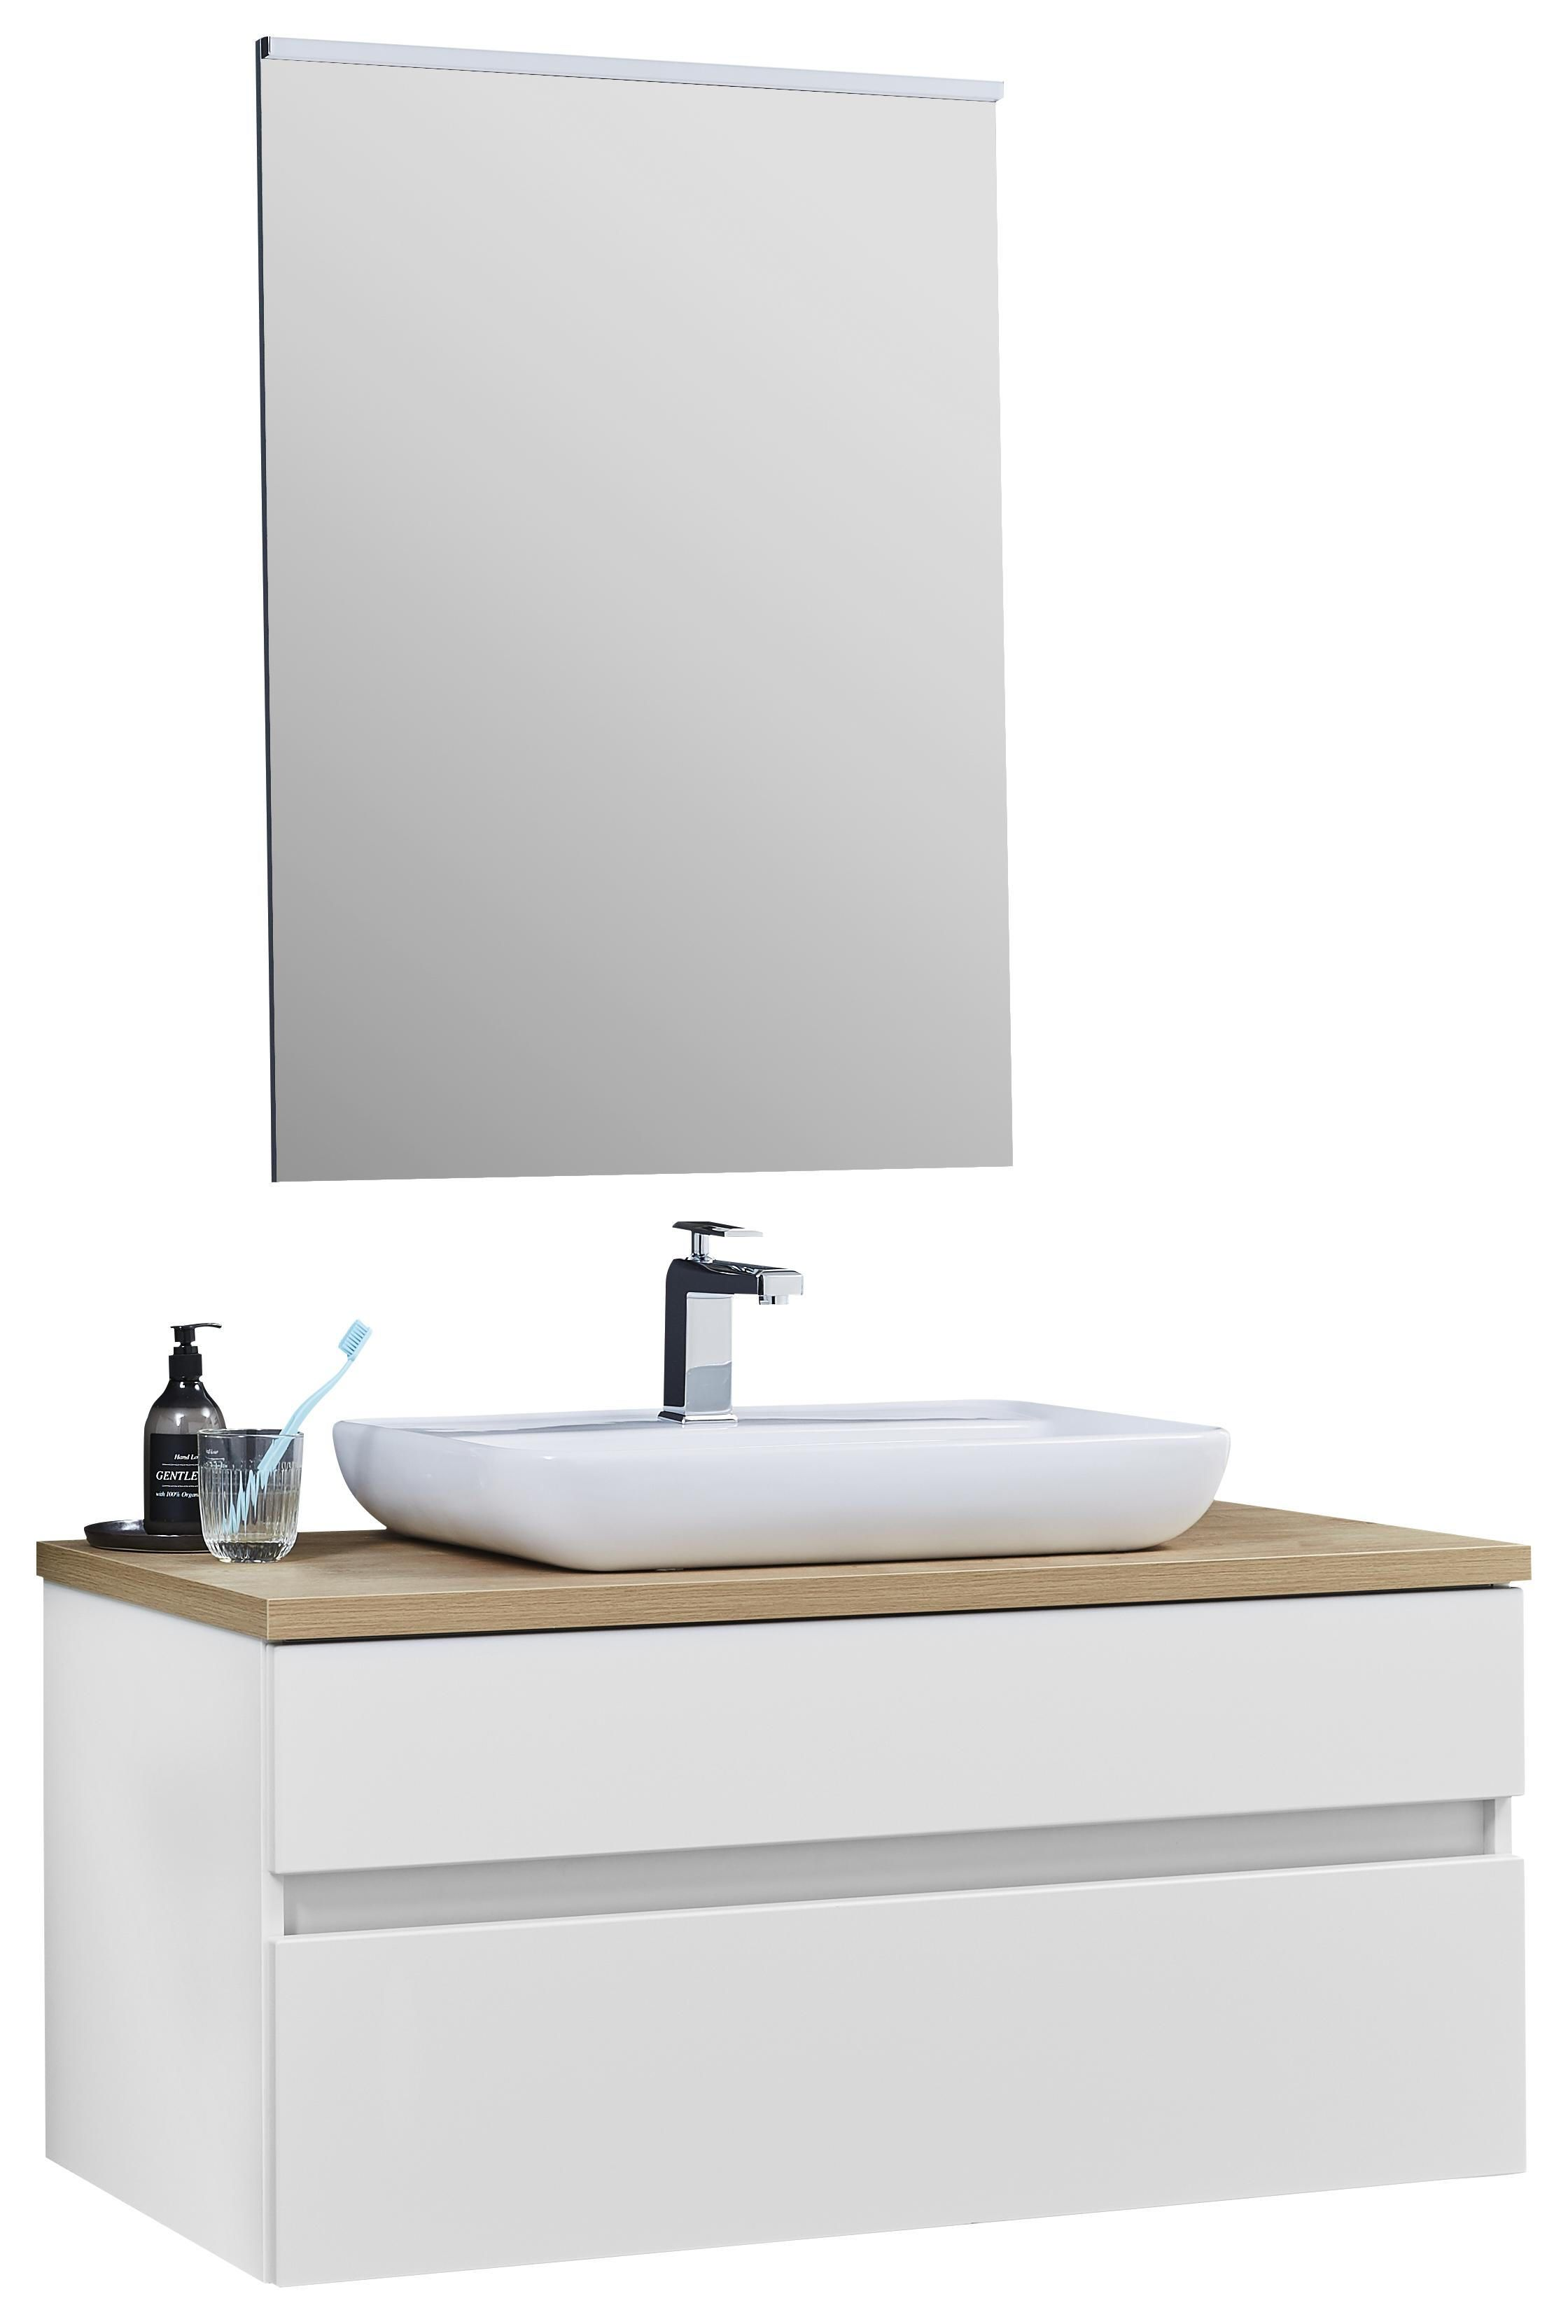 Badezimmer Weiss Eichefarben Mit Bildern Badezimmer Badezimmer Unterschrank Waschbecken